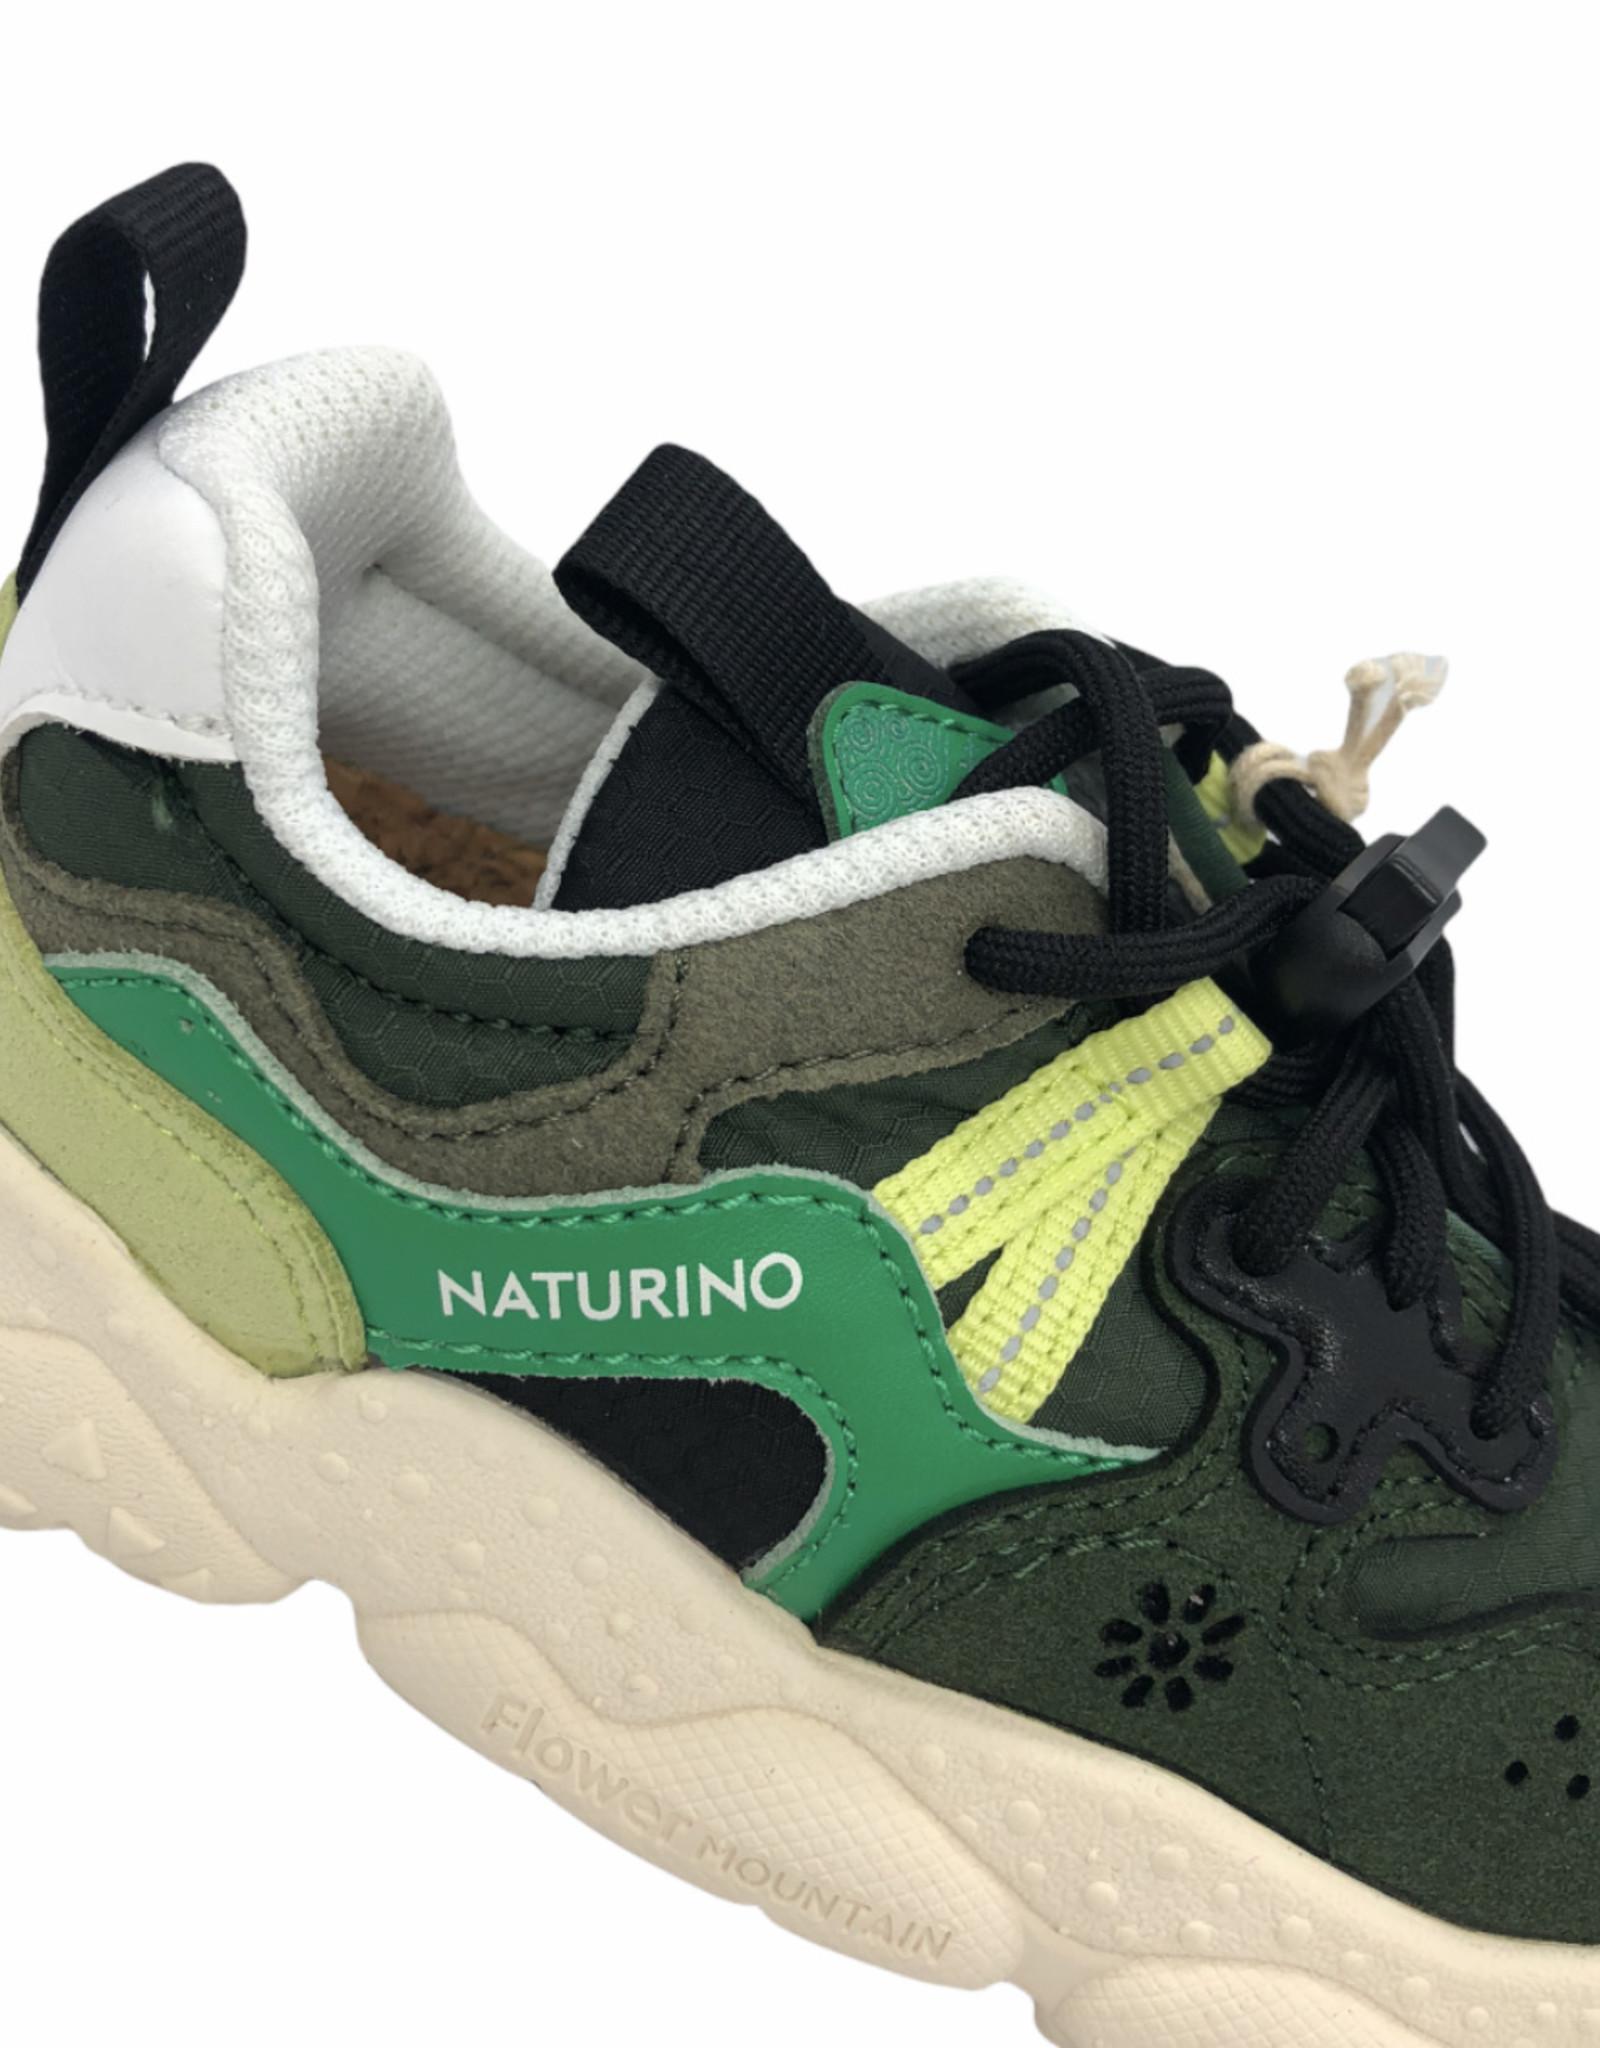 Naturino  Yamano vegan eco black green